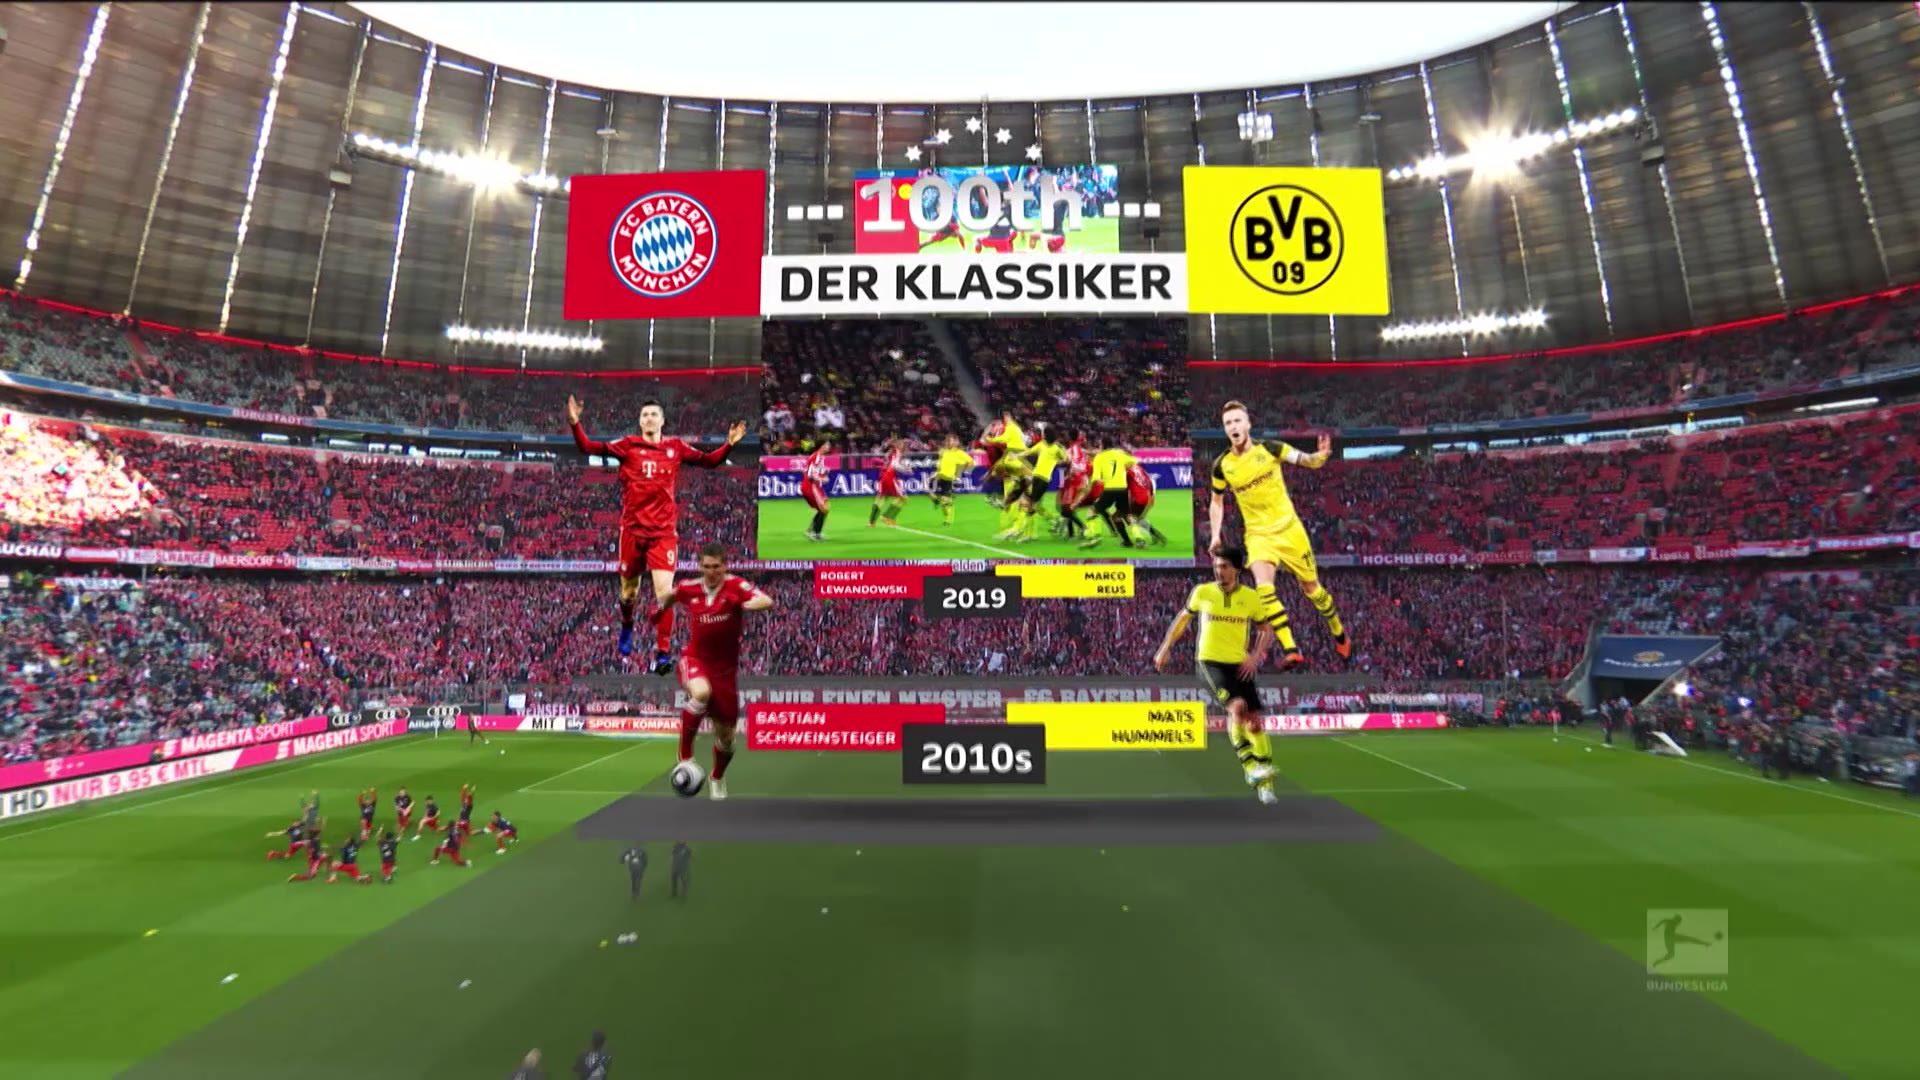 Calendario Bundesliga 2.Vea Der Klassiker El Partido Mas Grande De Alemania